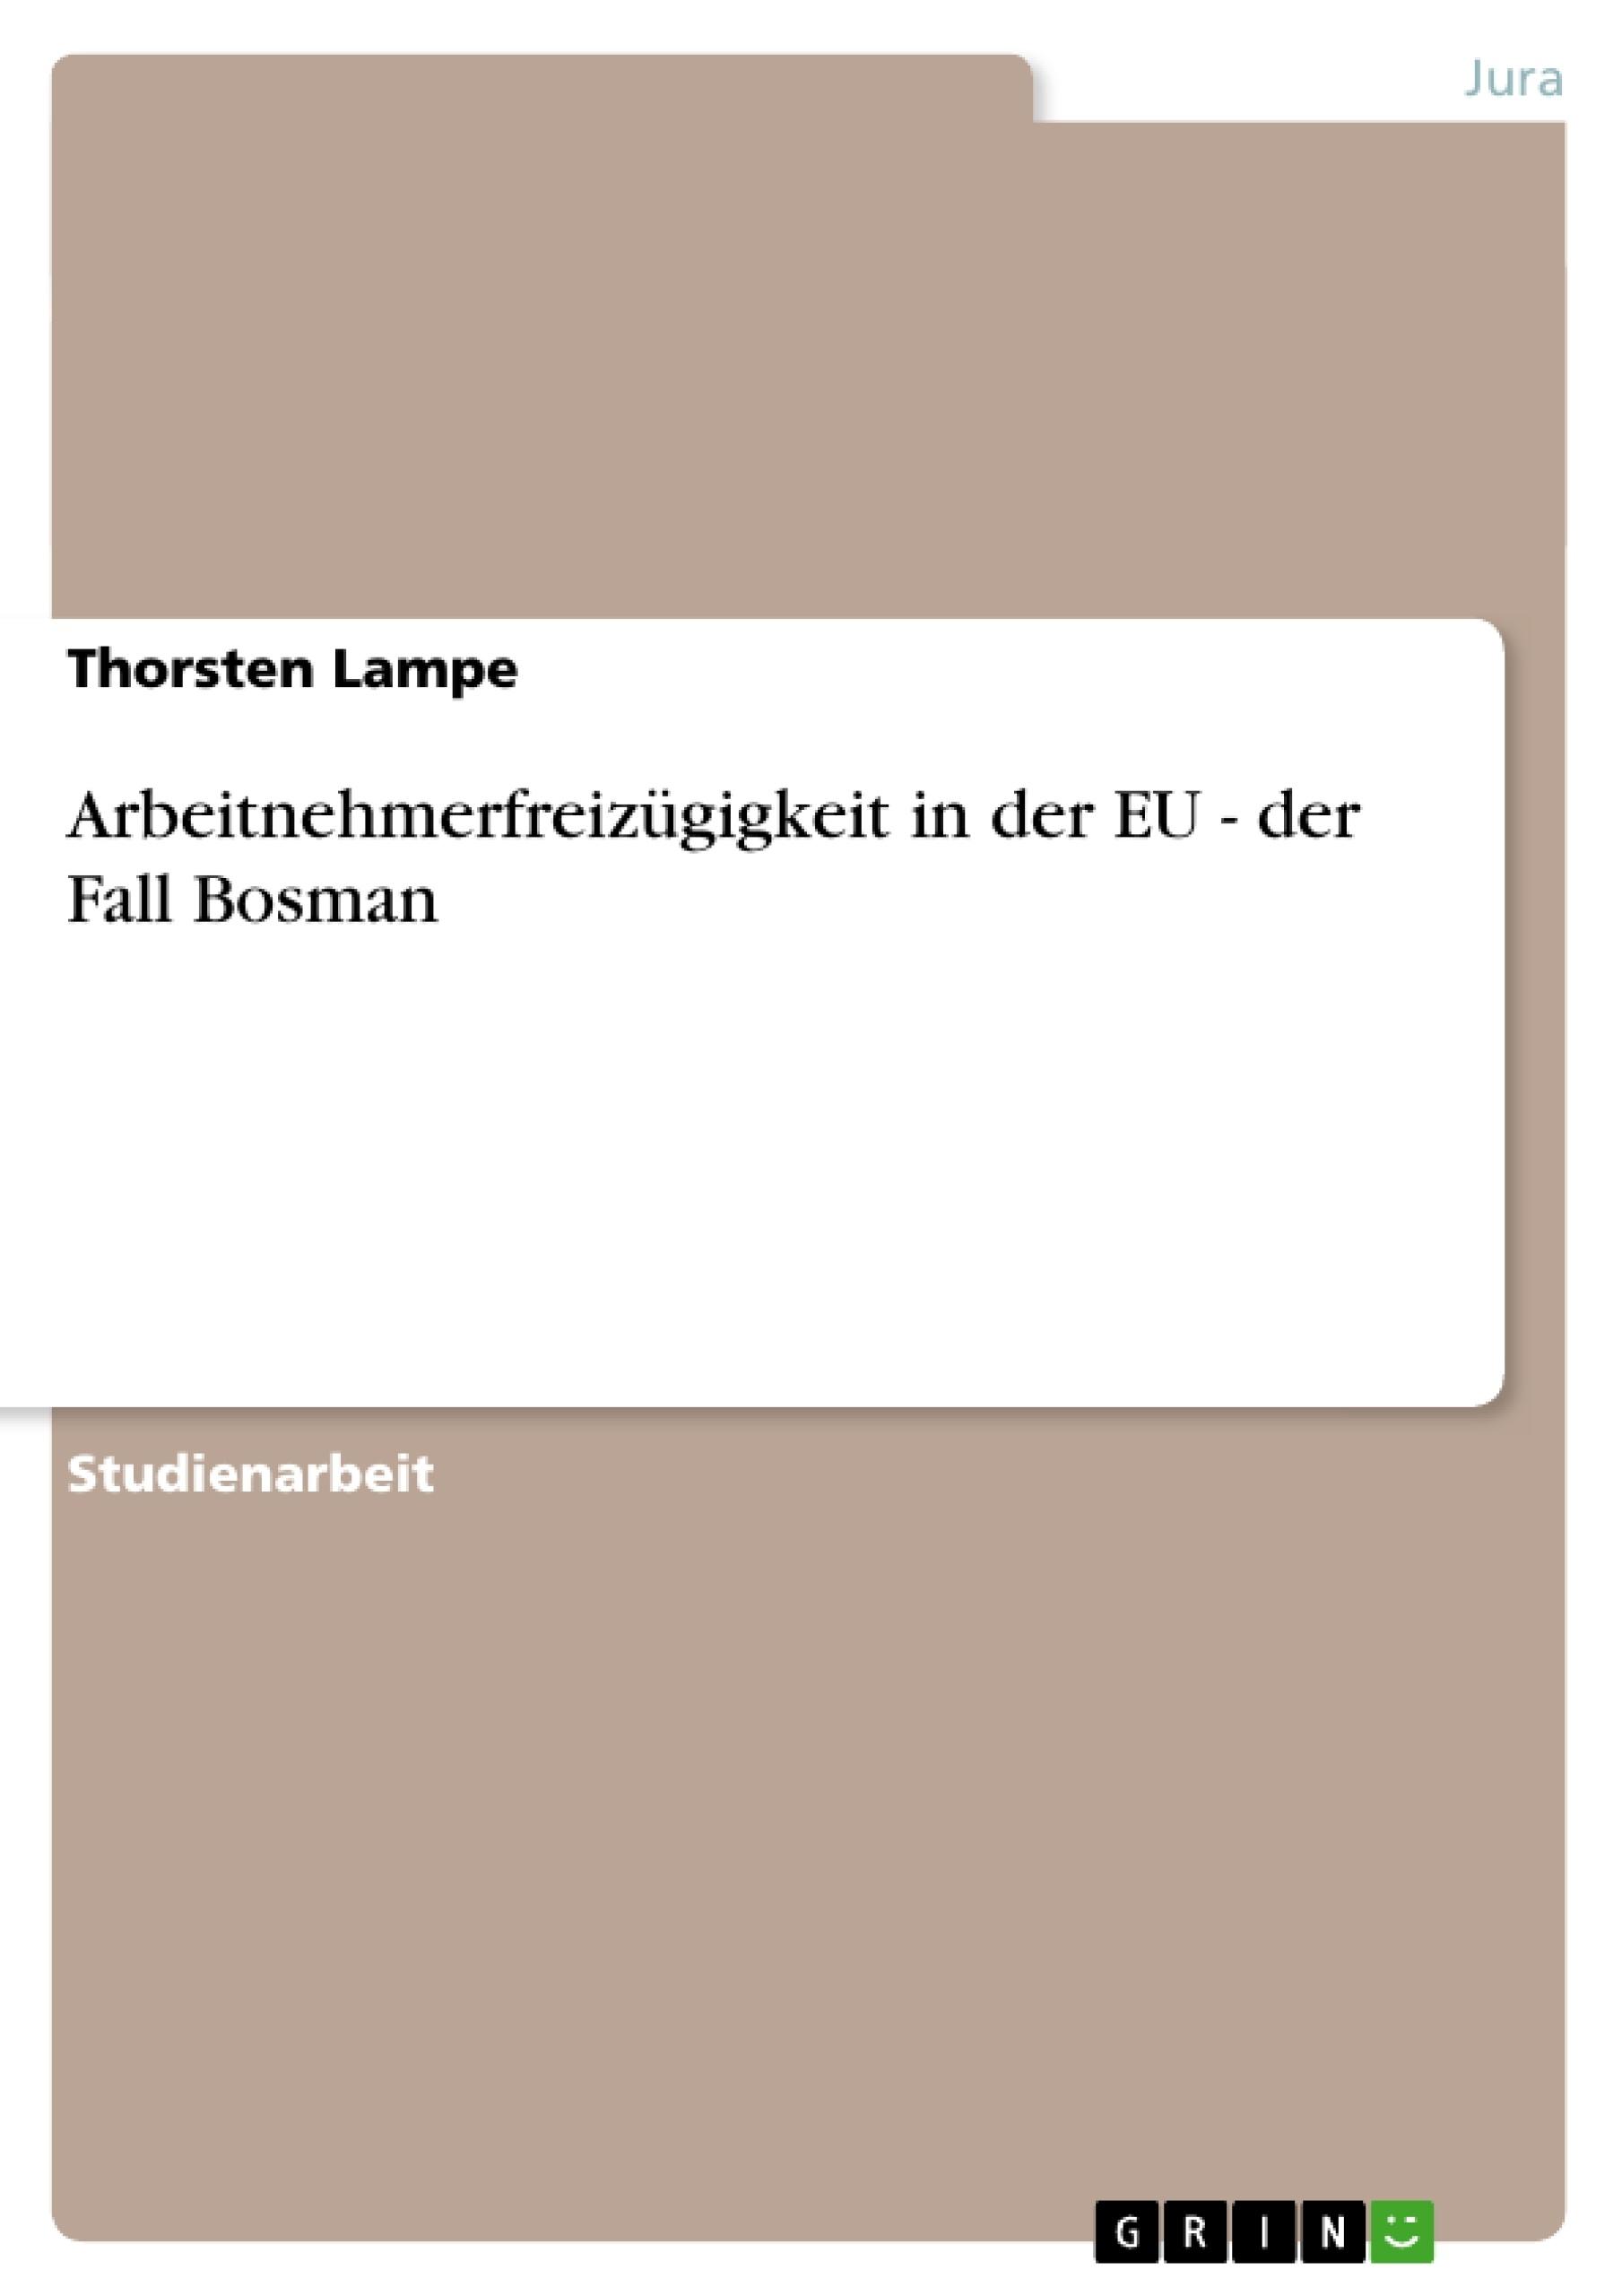 Titel: Arbeitnehmerfreizügigkeit in der EU - der Fall Bosman